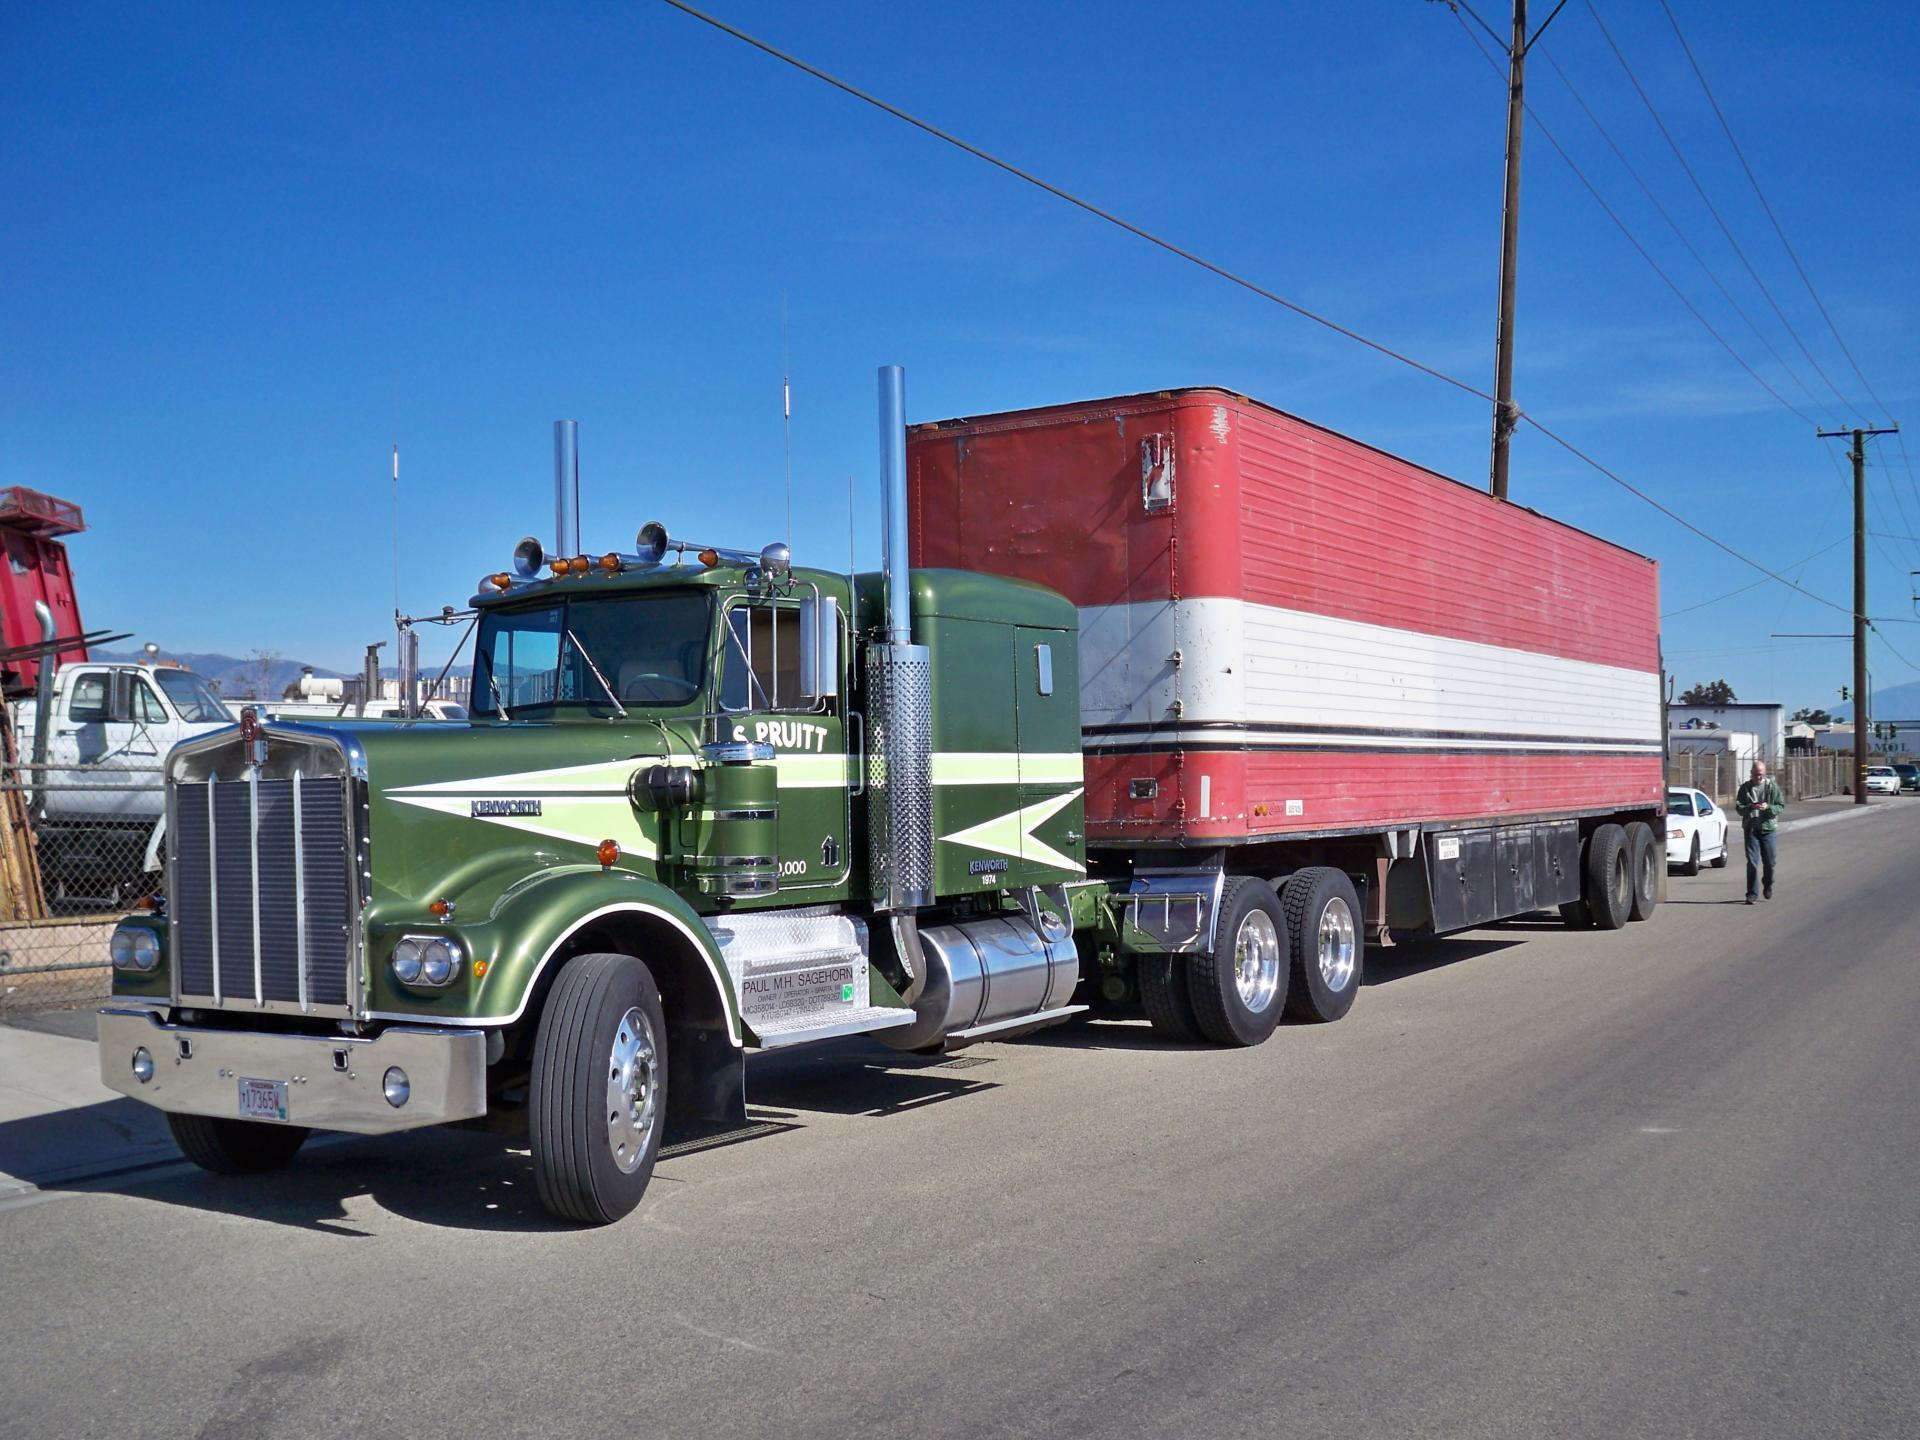 truck004.thumb.jpg.eb4649bc9a1de30111b000fc62e7e250.jpg